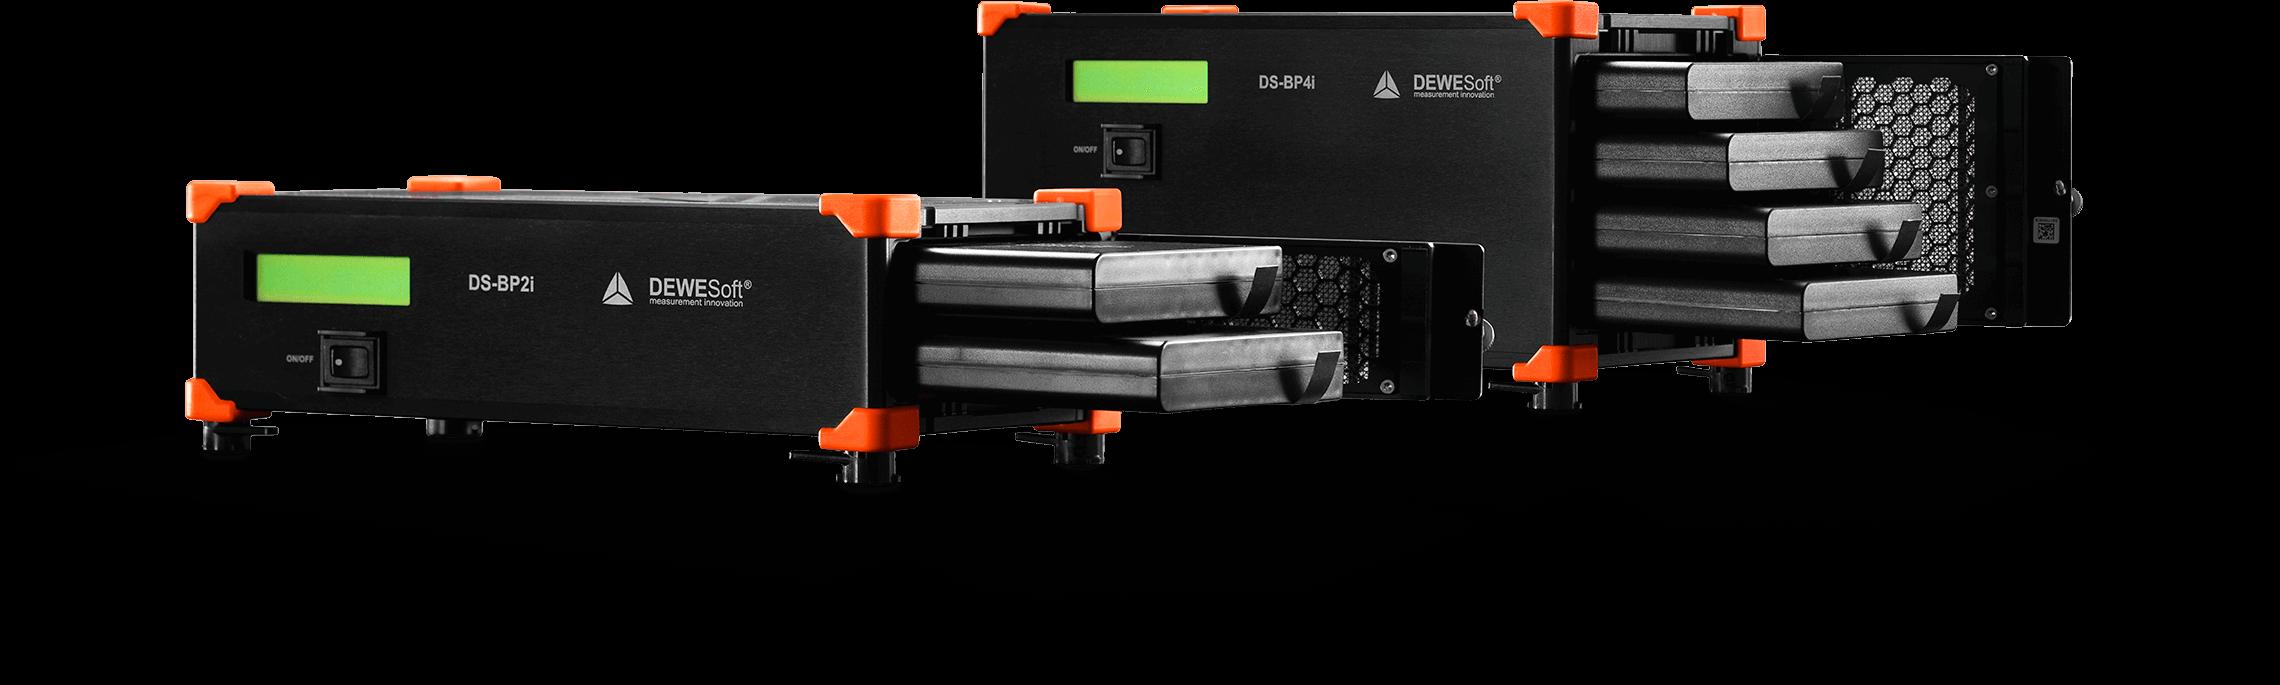 数据采集系统的电池盒